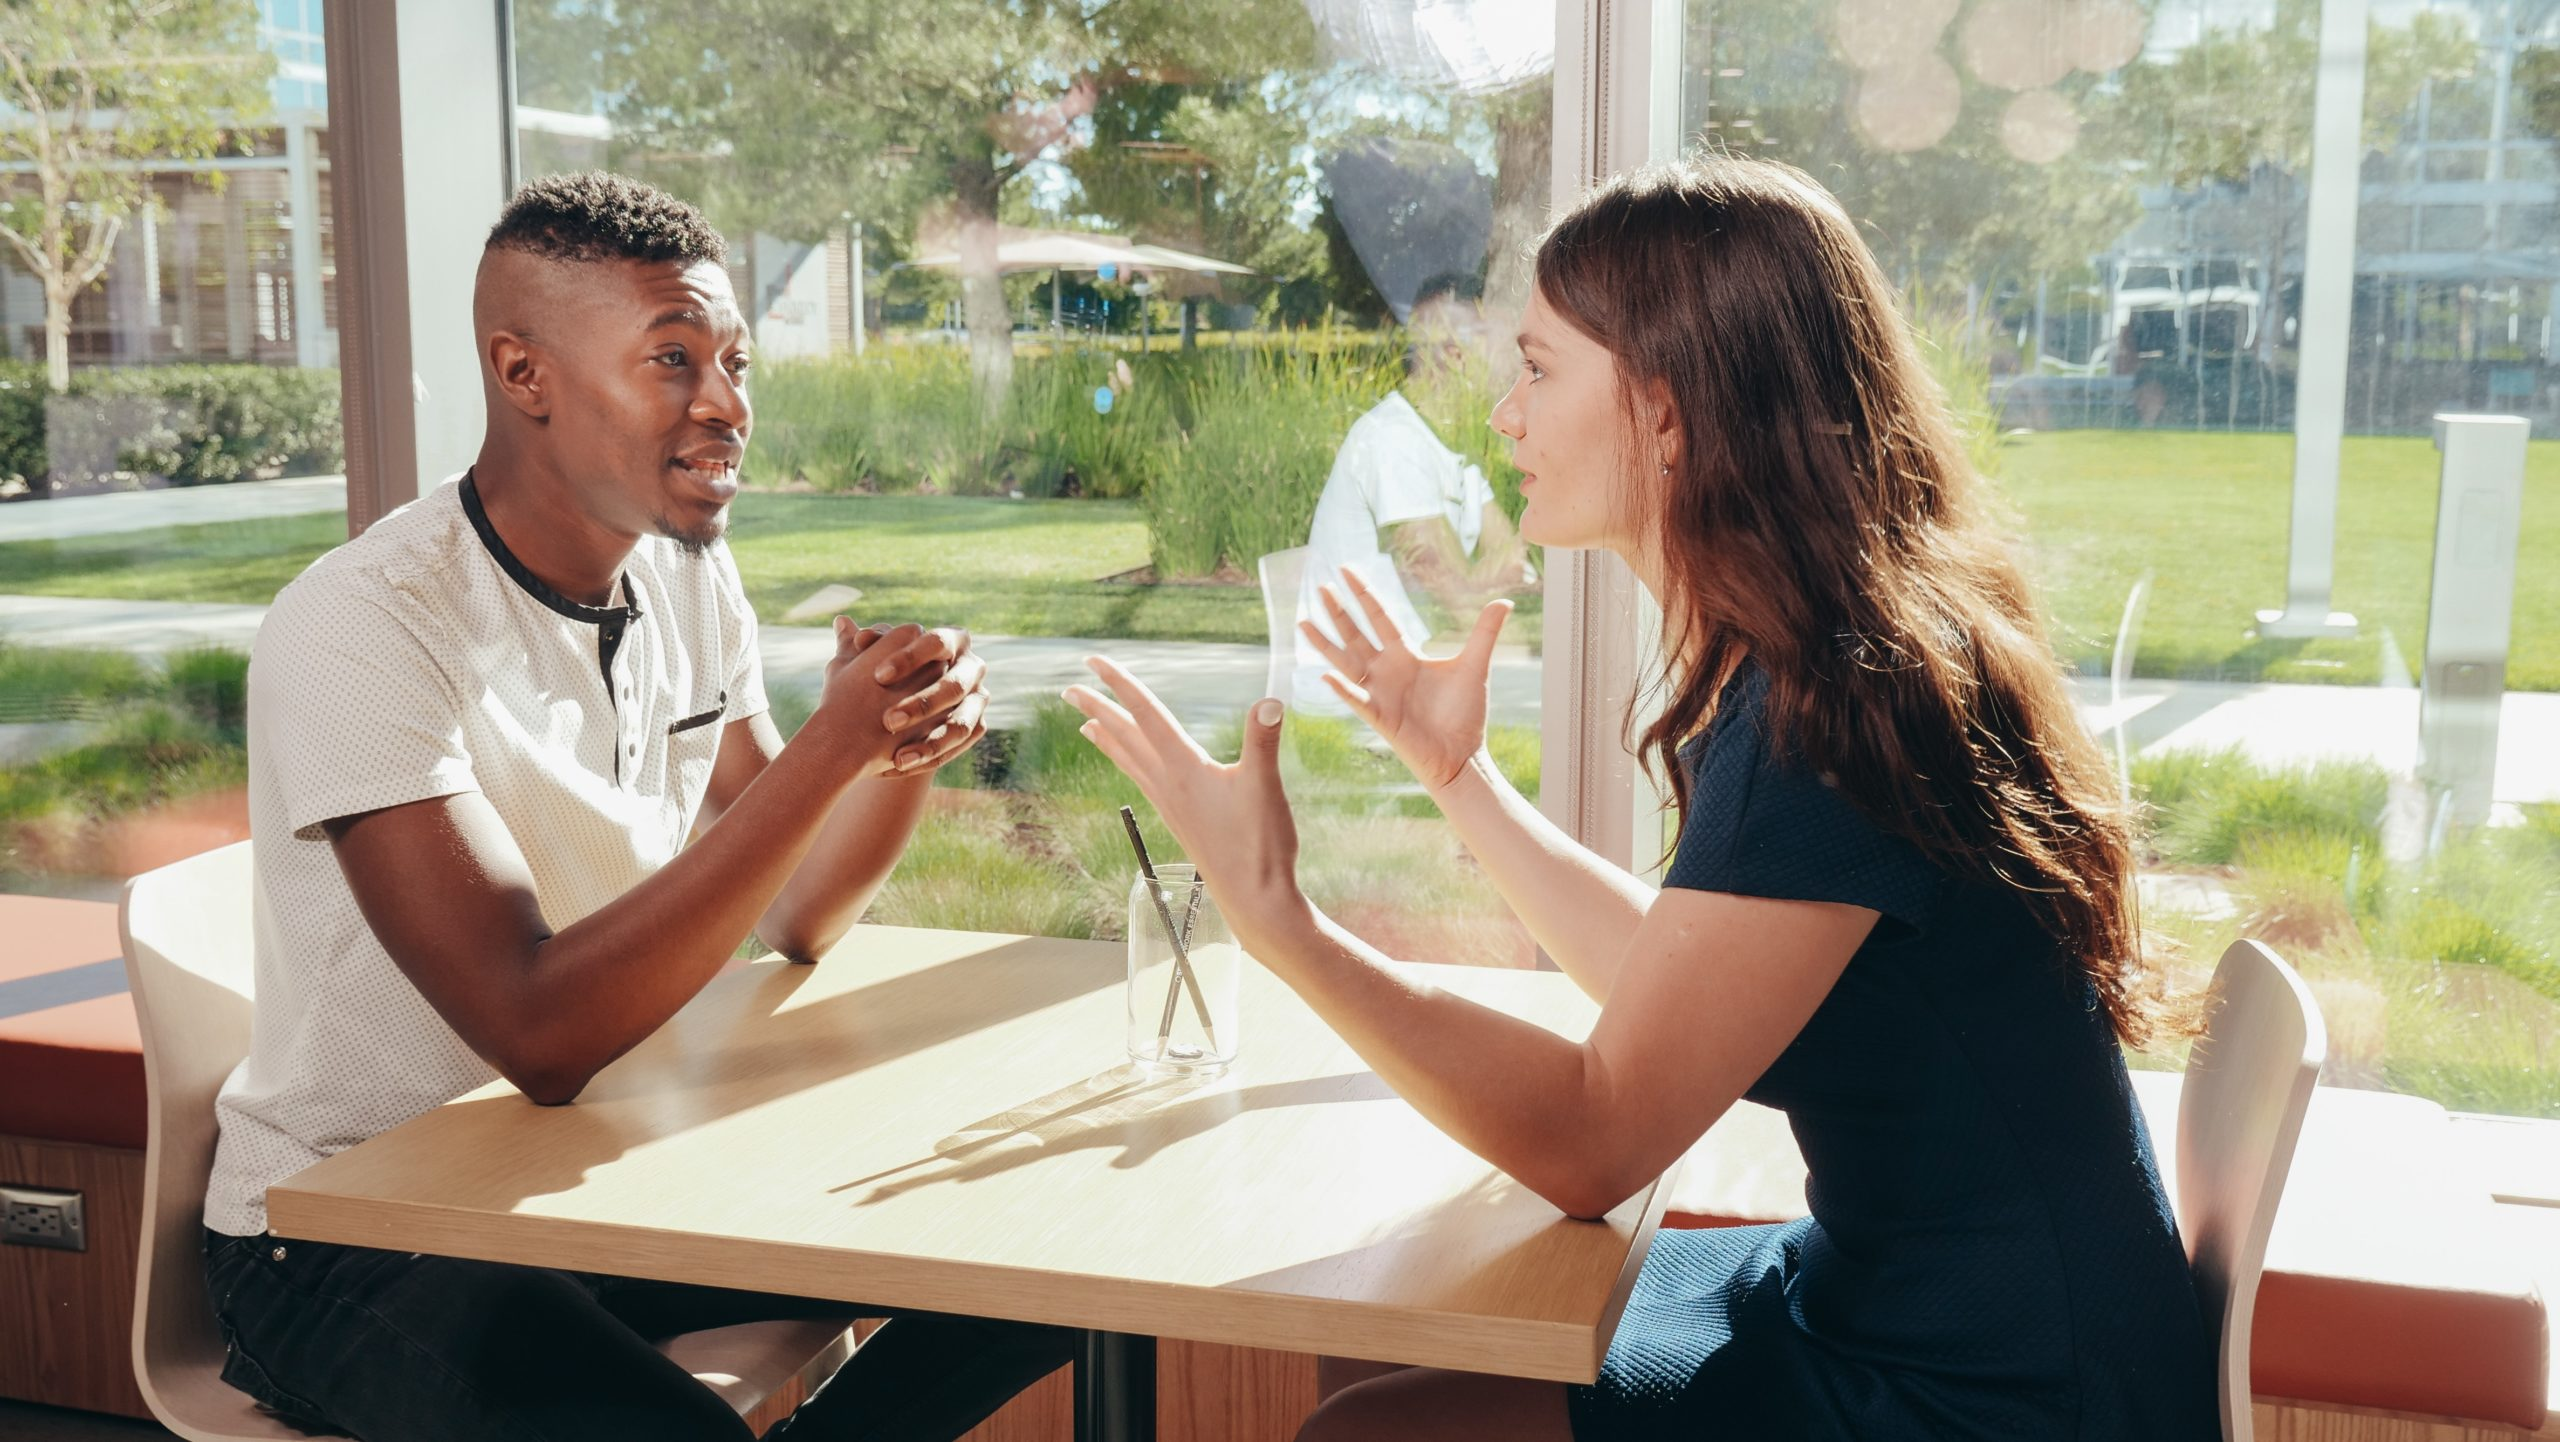 Couple discussing child contact arrangements